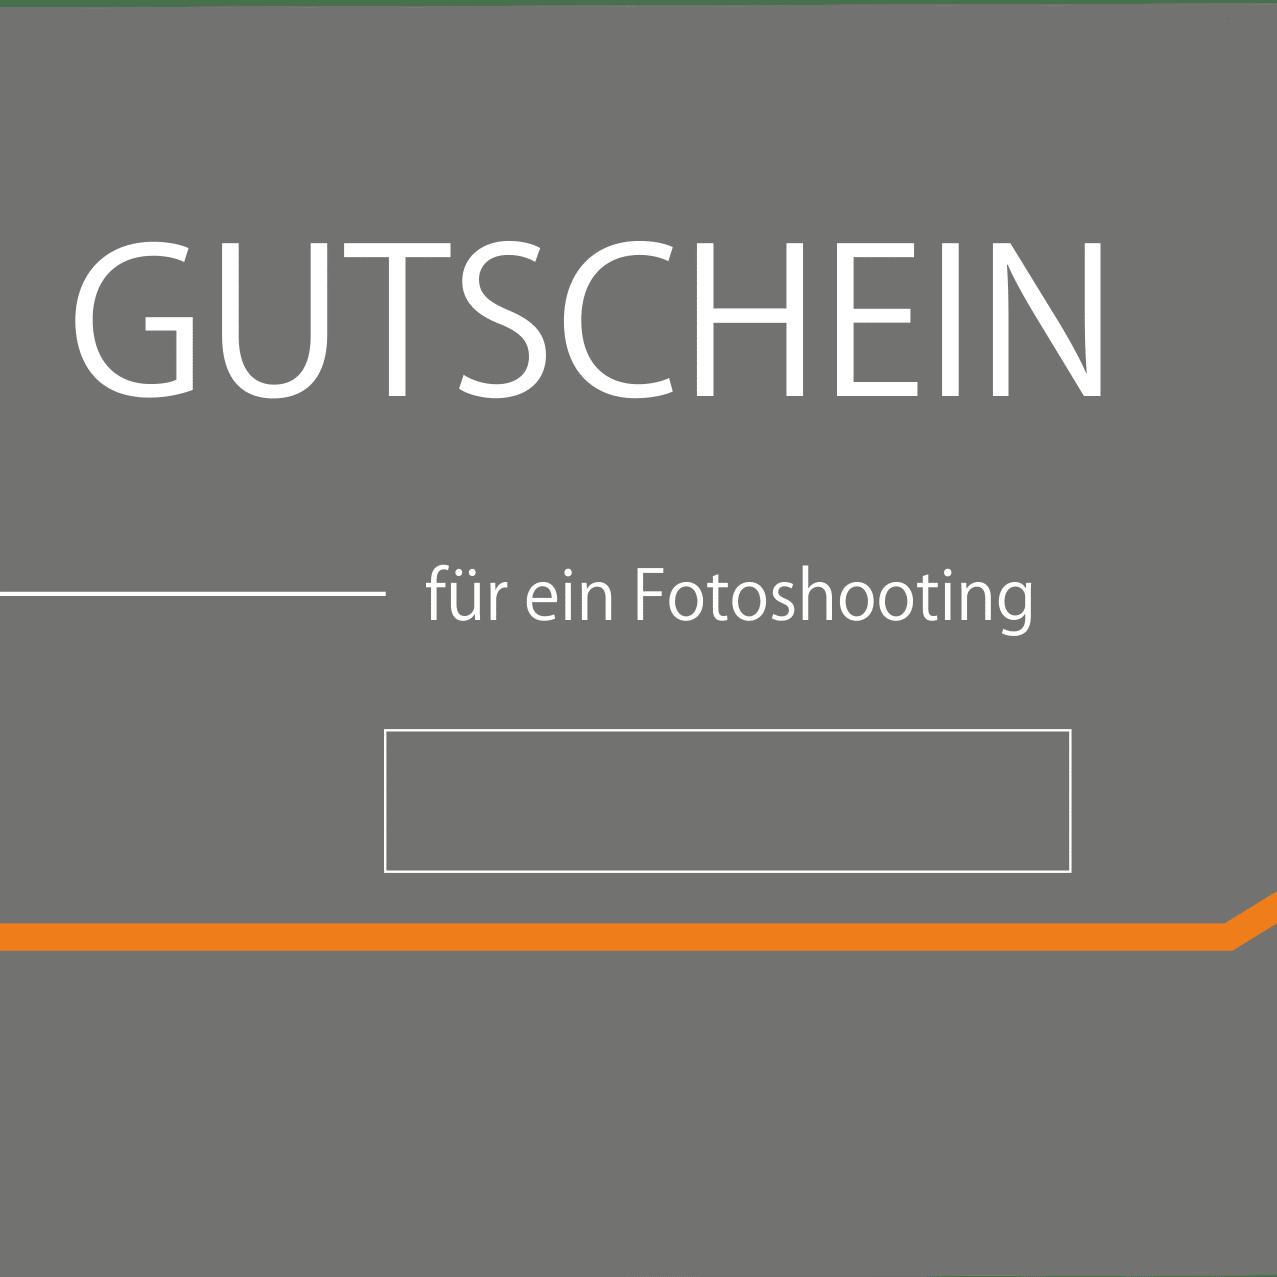 Gutscheine Fotoshooting